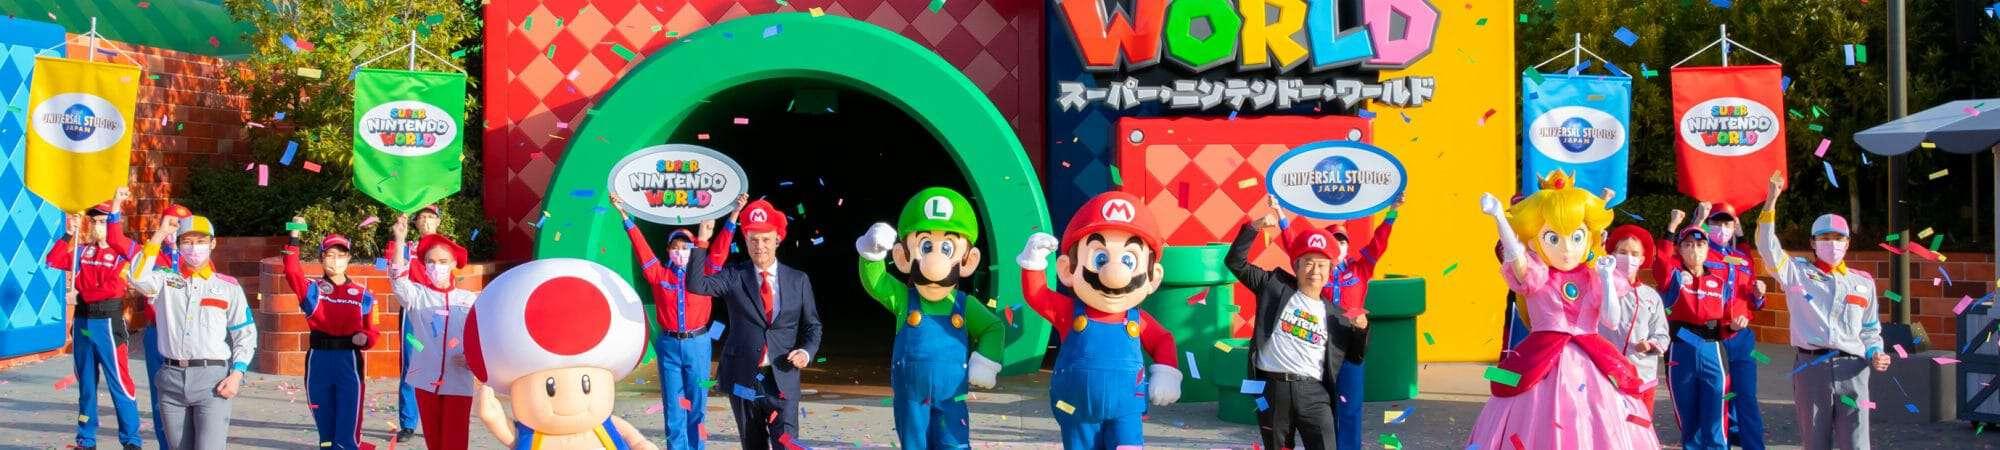 Atração Super Nintendo World é inaugurada no Japão e contou com a presença de Mario e Luigi.